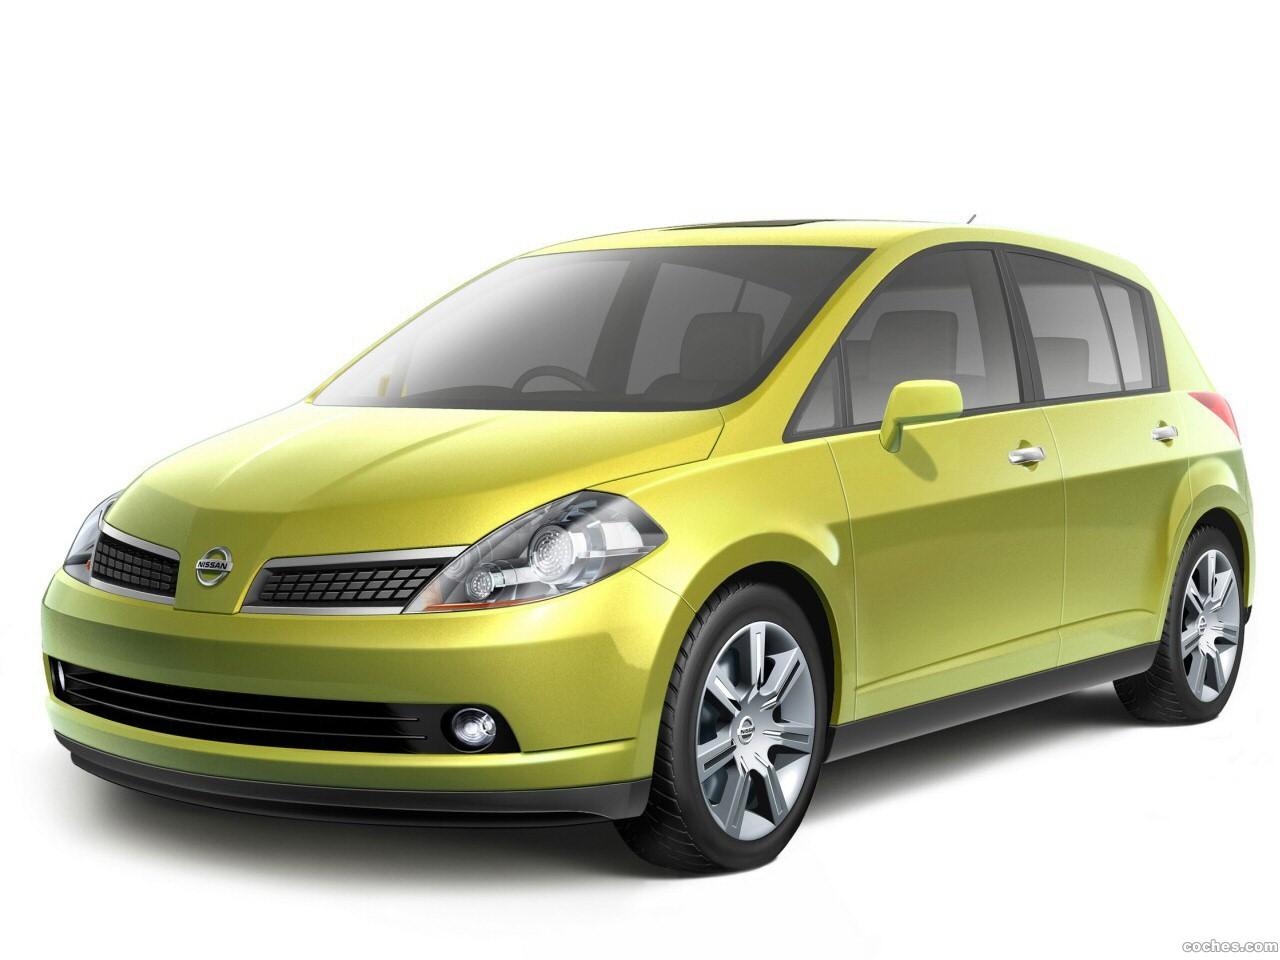 Foto 0 de Nissan C-Note Concept 2003